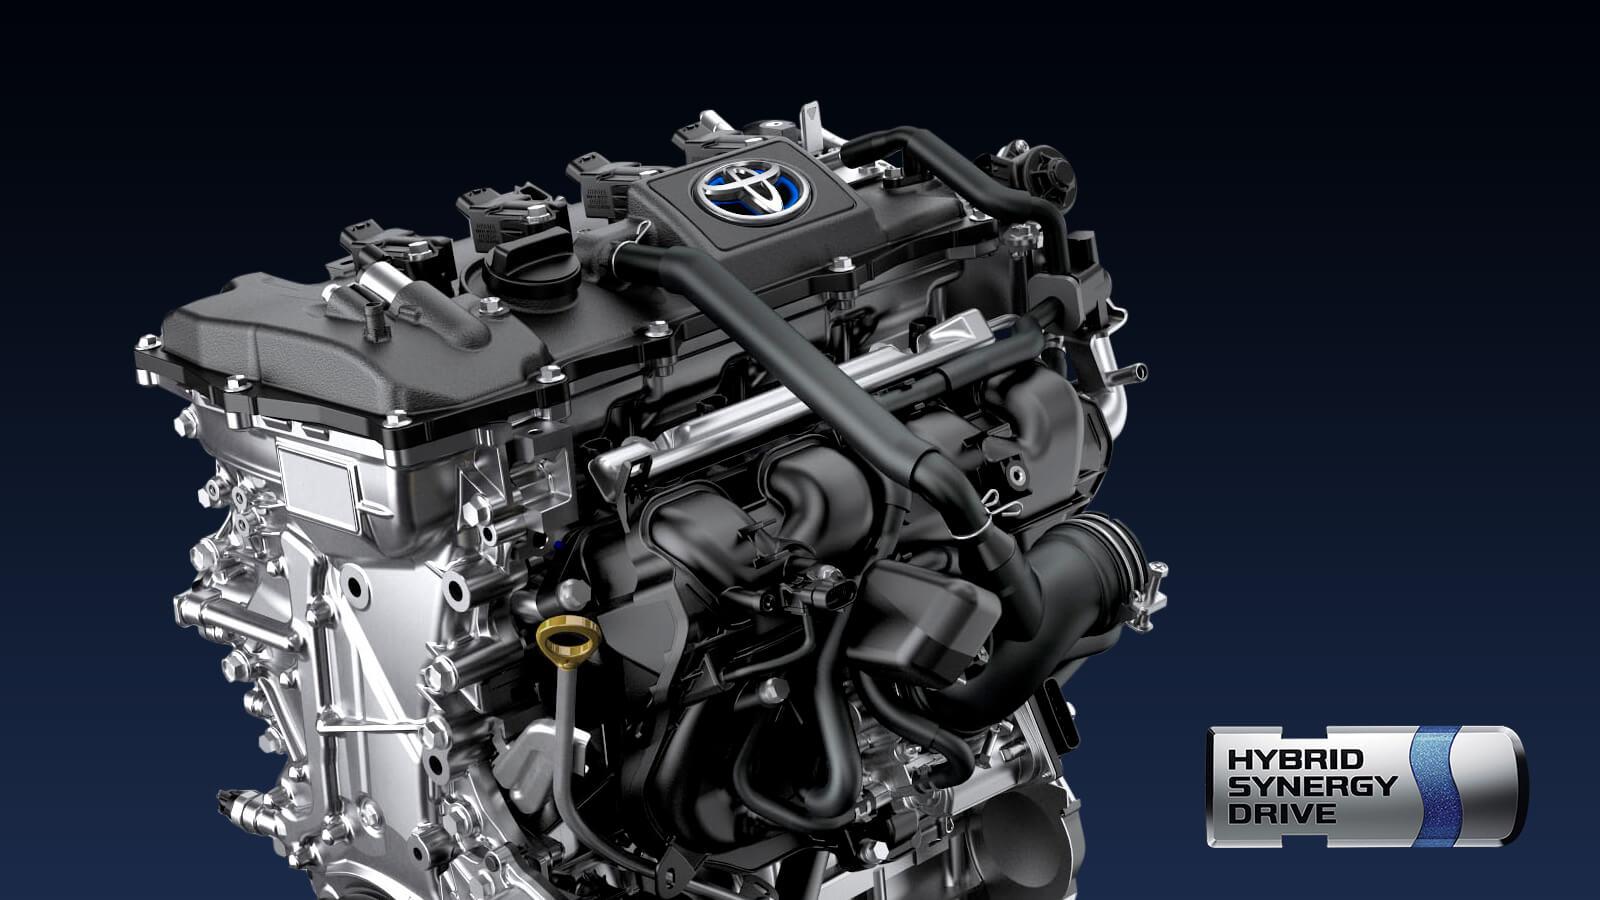 Toyota CHR especificaciones técnicas del motor híbrido de 1.8L